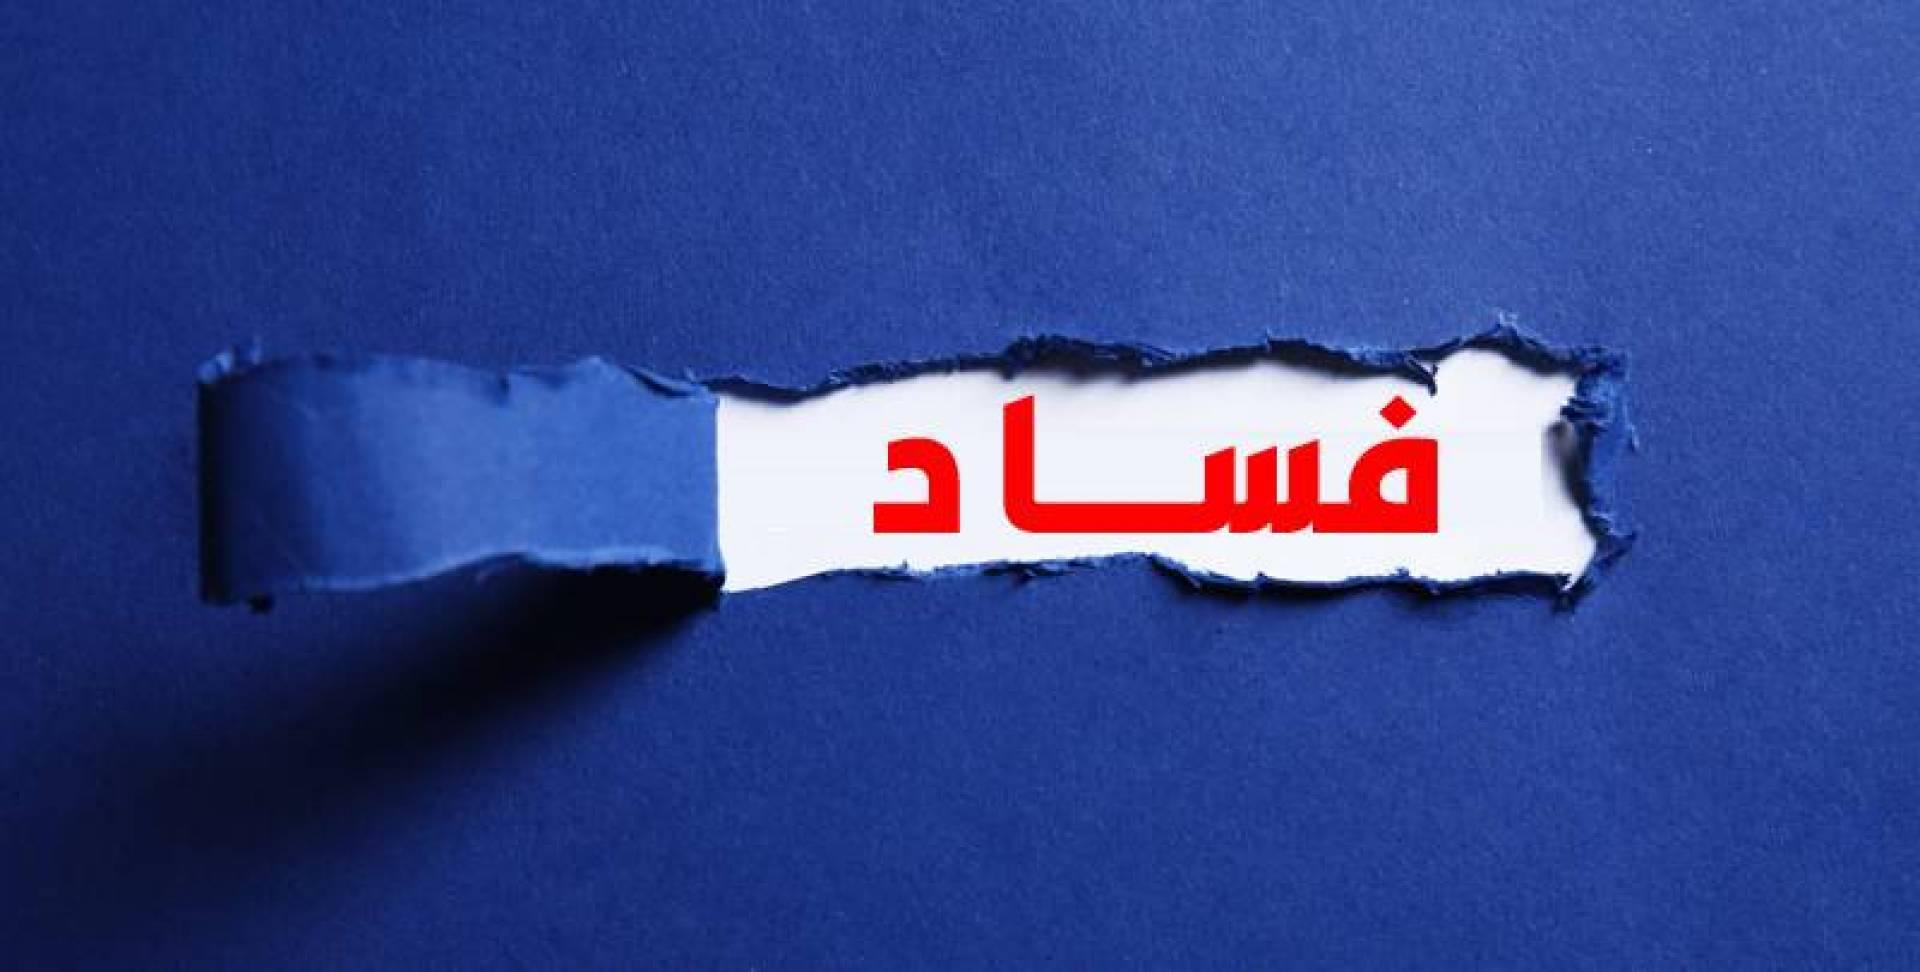 الحكومة: لدينا فساد وهدر وبيروقراطية